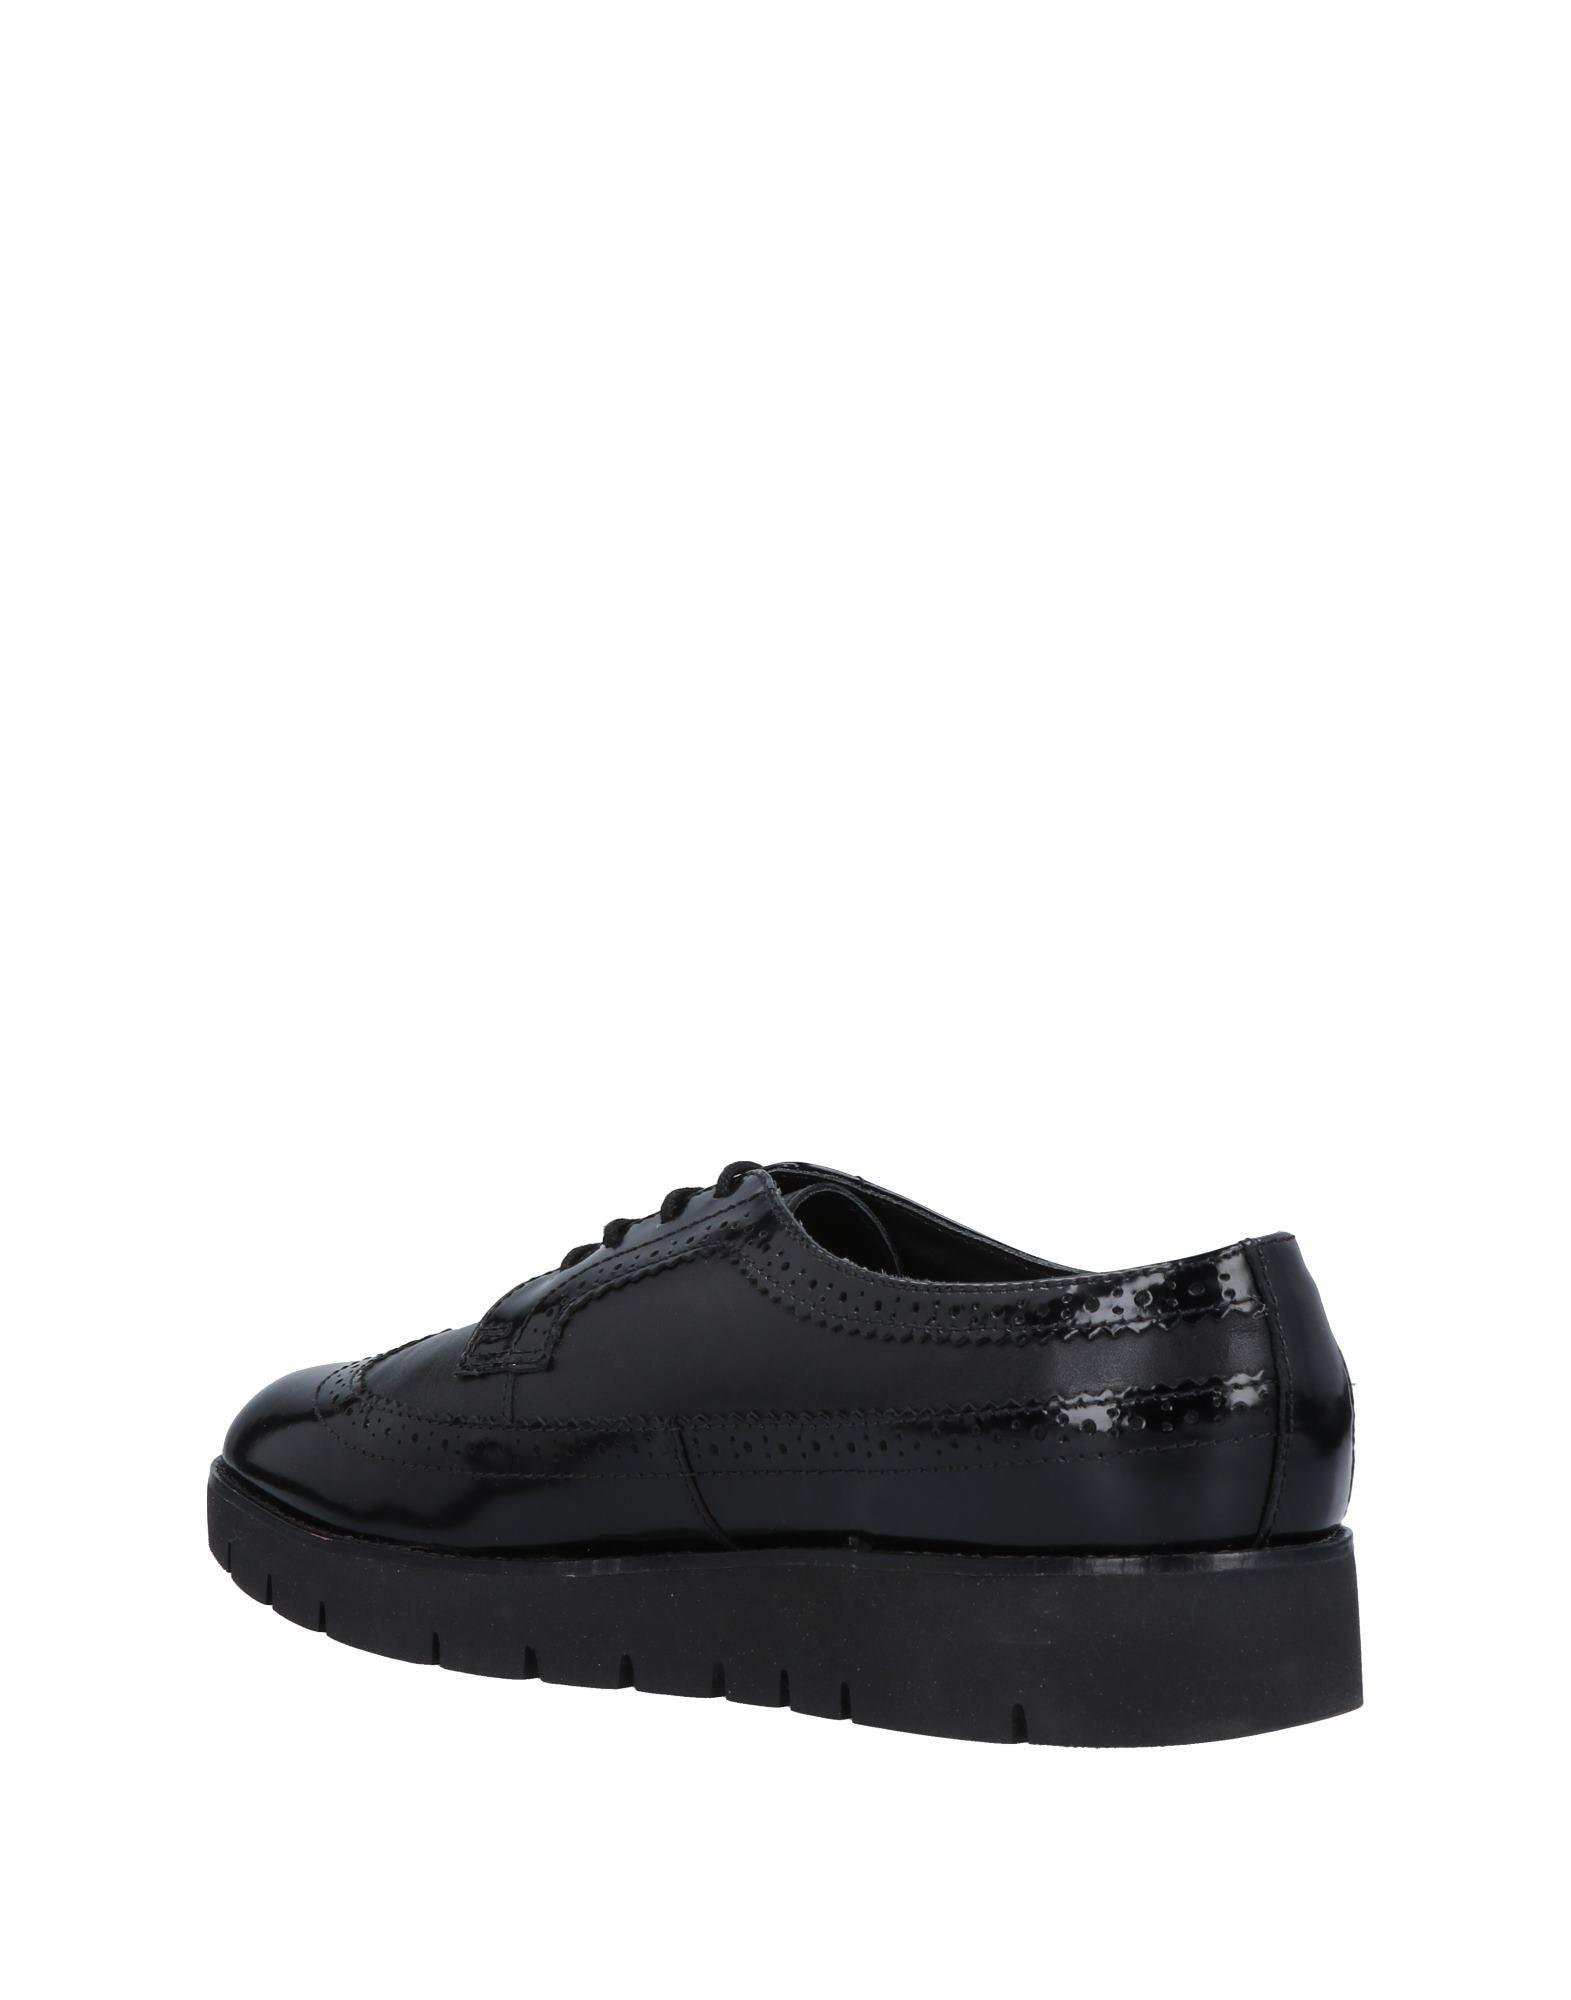 Geox Schnürschuhe Gute Damen  11490784WO Gute Schnürschuhe Qualität beliebte Schuhe 813a30